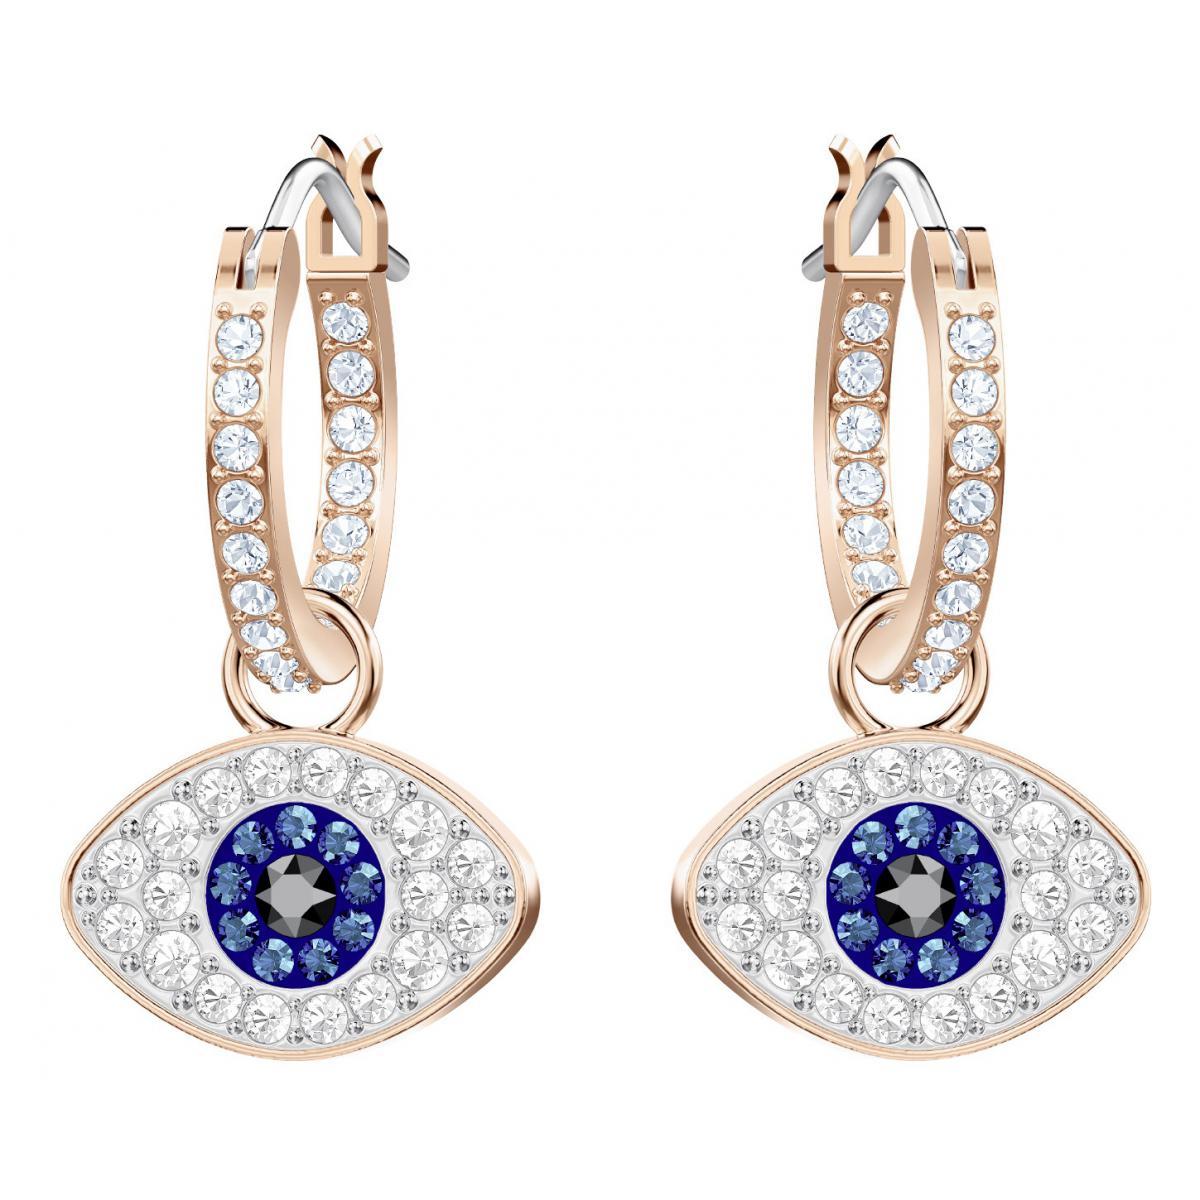 Boucles d'oreilles Swarovski Bijoux 5425857 Femme